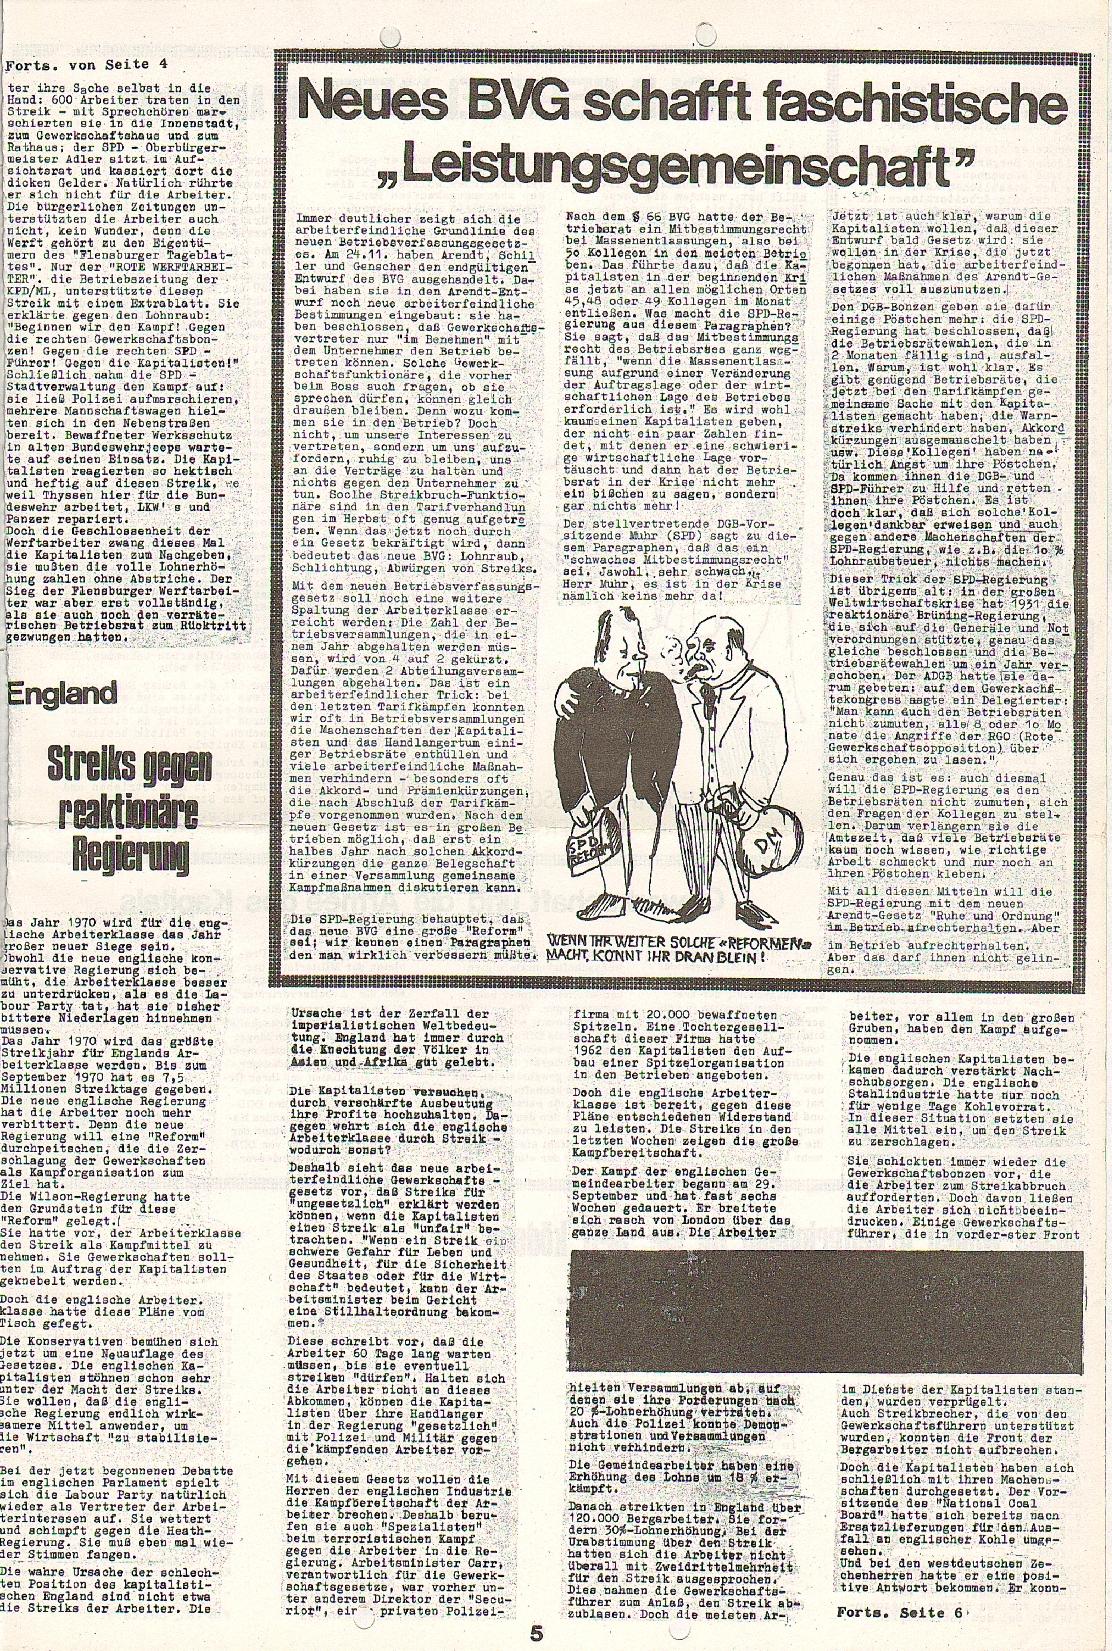 Rote Fahne, 1. Jg., 7.12.1970, Nr. 5, Seite 5